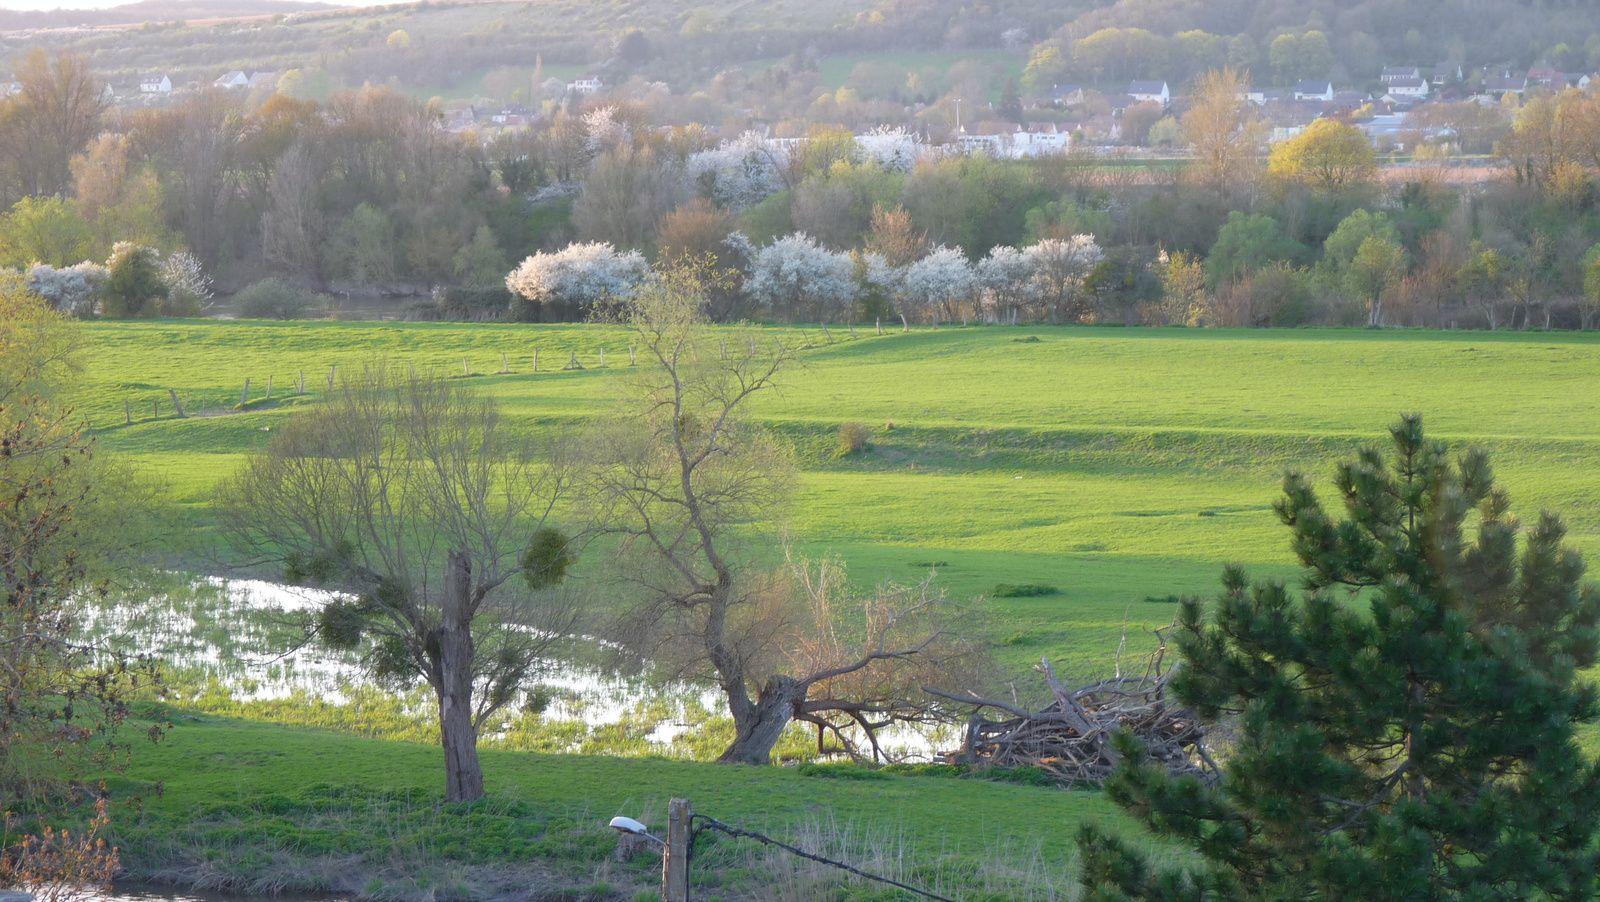 Ancien bras de Seine, aux Damps, qui apparait plus ou moins selon le niveau de l'eau. Les vaches s'y abreuvent comme dans une toile d'Eugène Boudin (clichés Armand Launay, avril 2016).